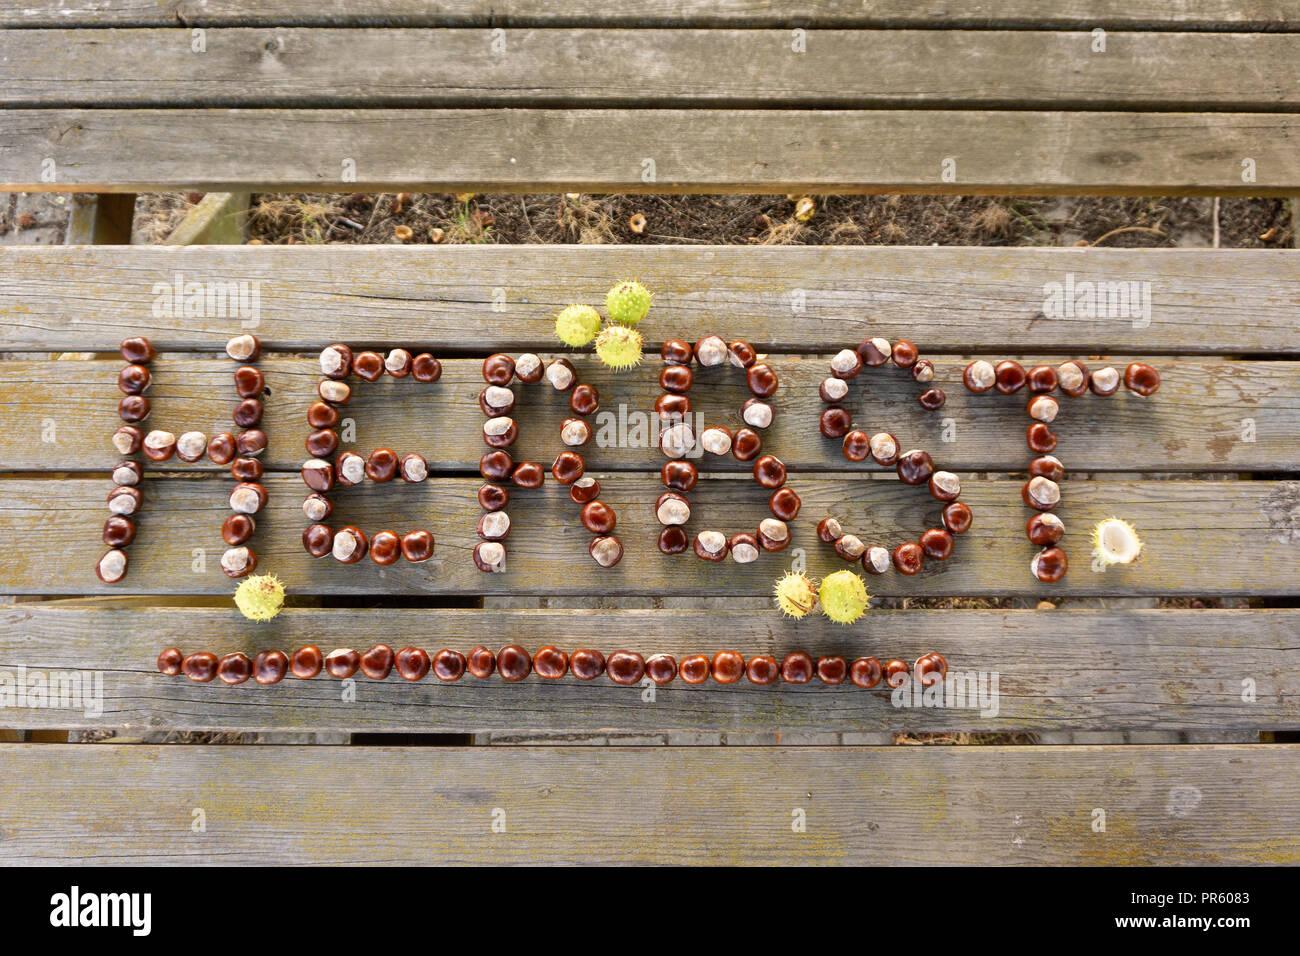 Herbst Schriftzug aus Kastanien auf Holztisch - Stock Image